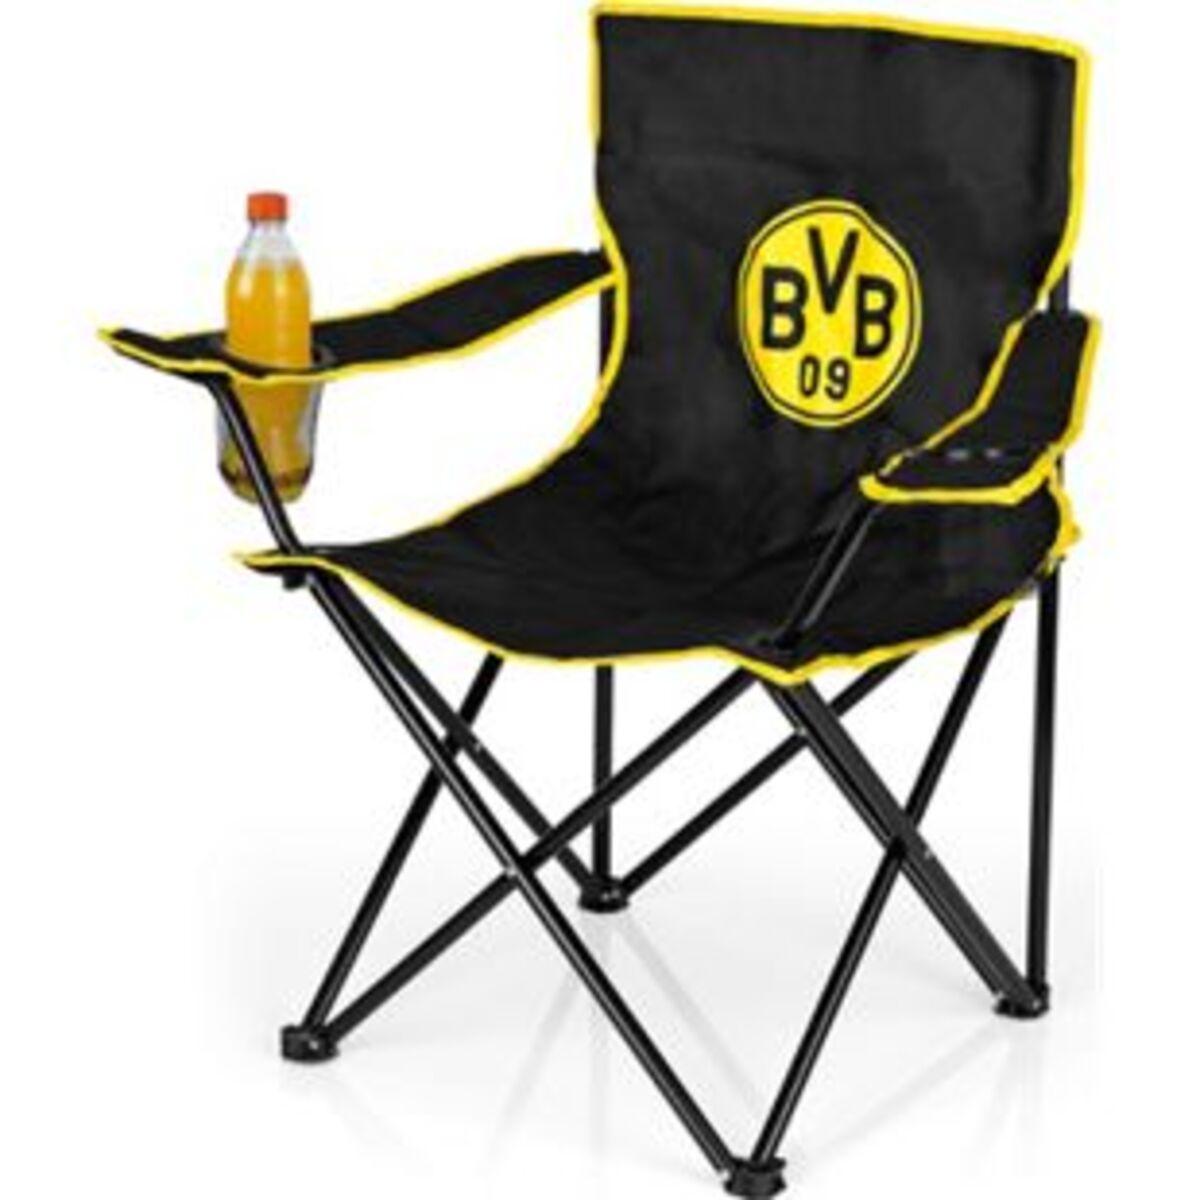 Bild 2 von BVB Campingstuhl faltbar 80x50cm schwarz/gelb mit Logo